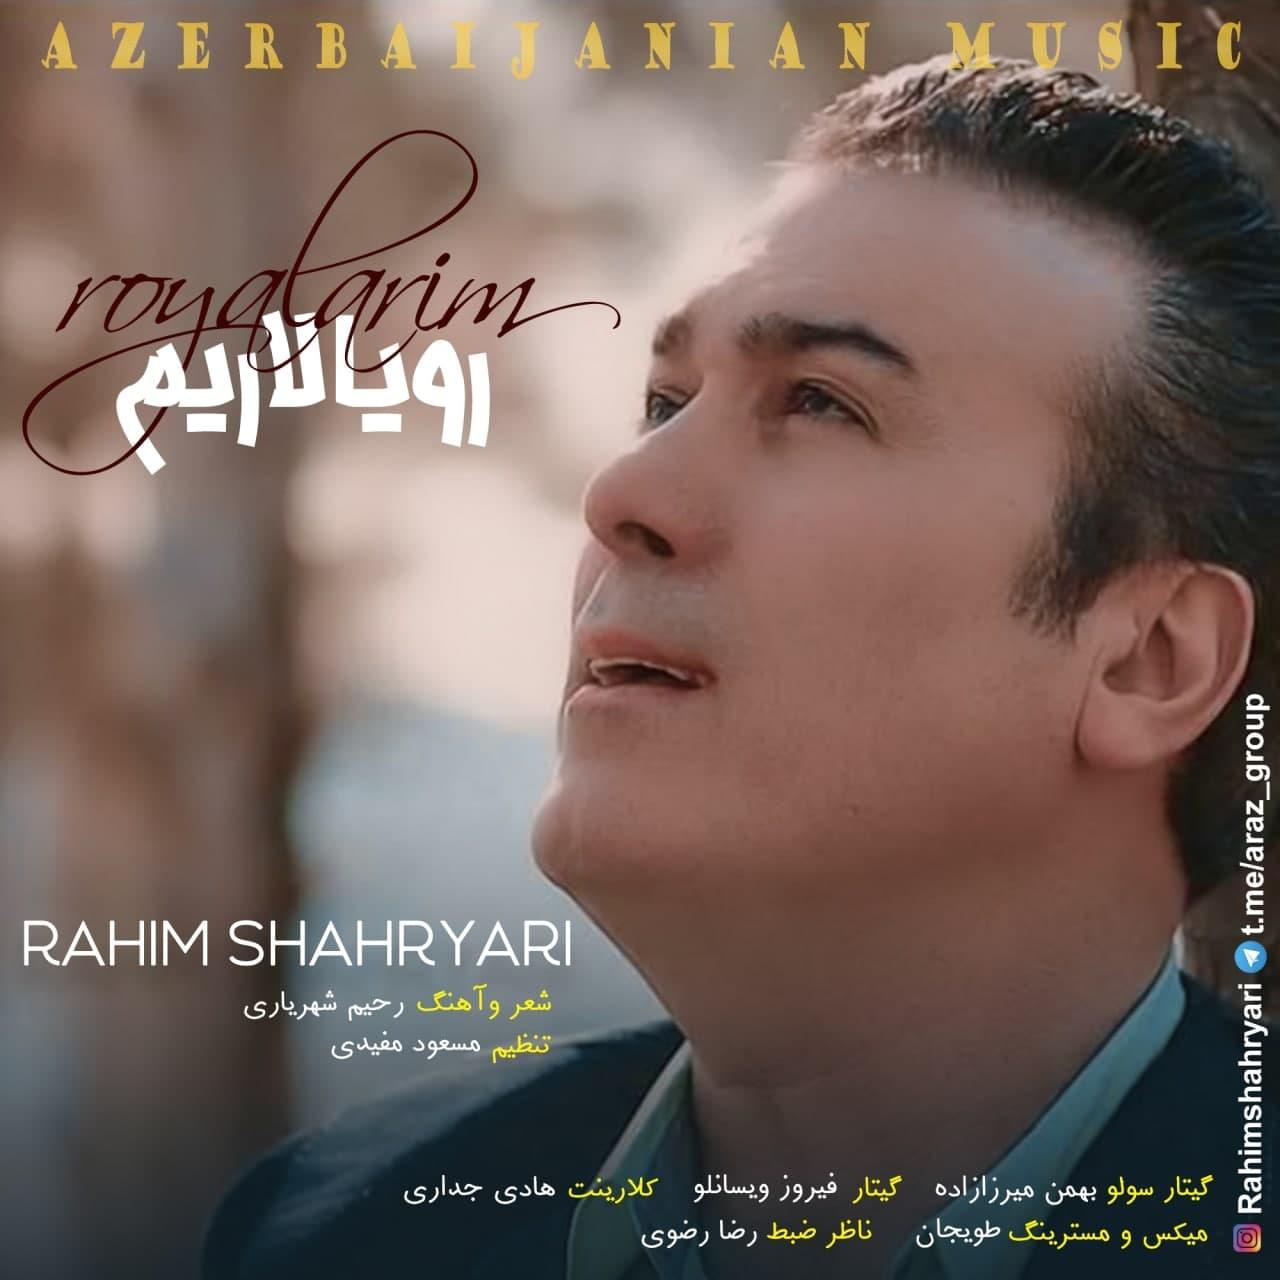 دانلود آهنگ رویالاریم رحیم شهریاری